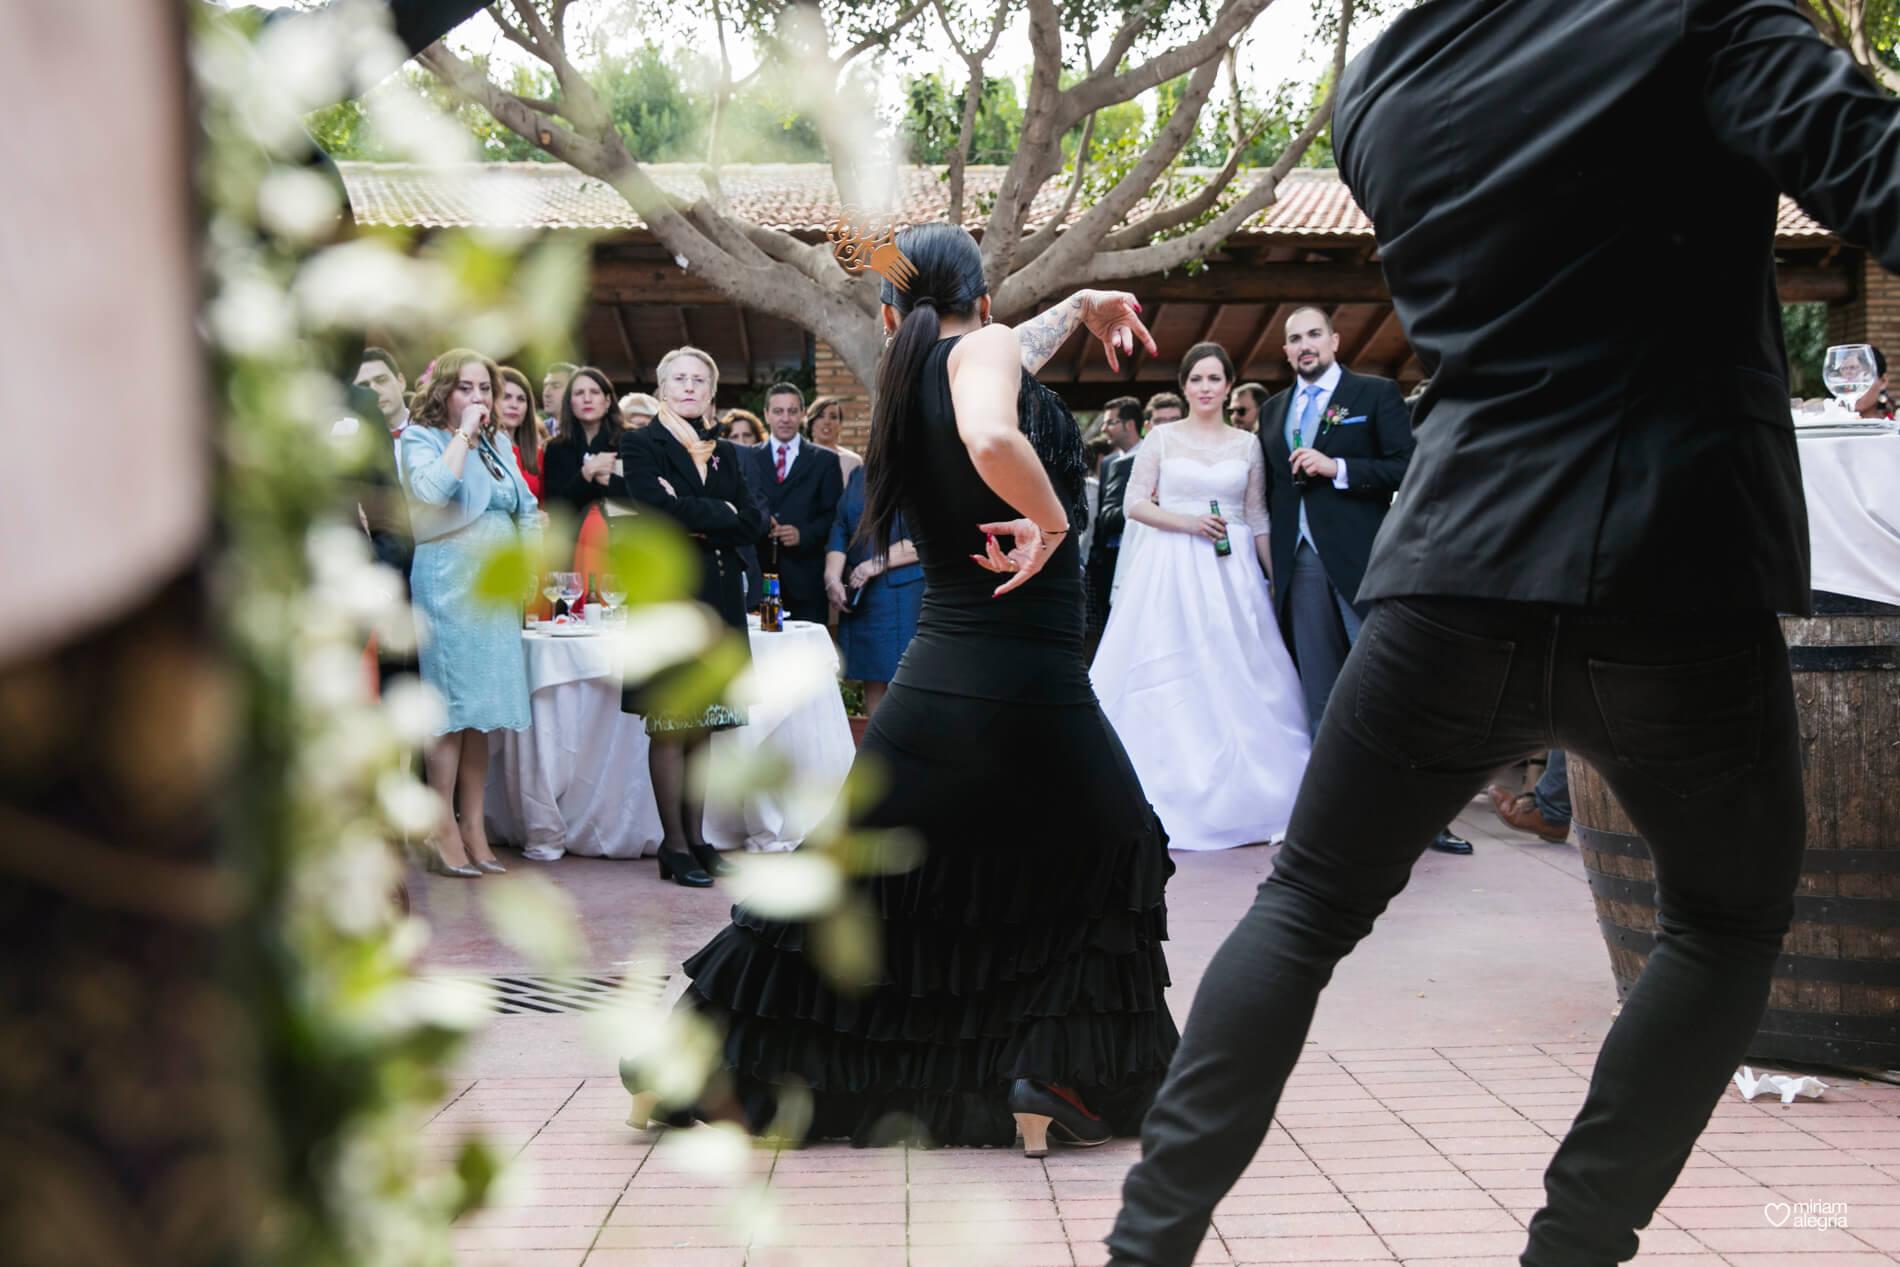 boda-en-el-rincon-huertano-miriam-alegria-fotografos-boda-murcia-104